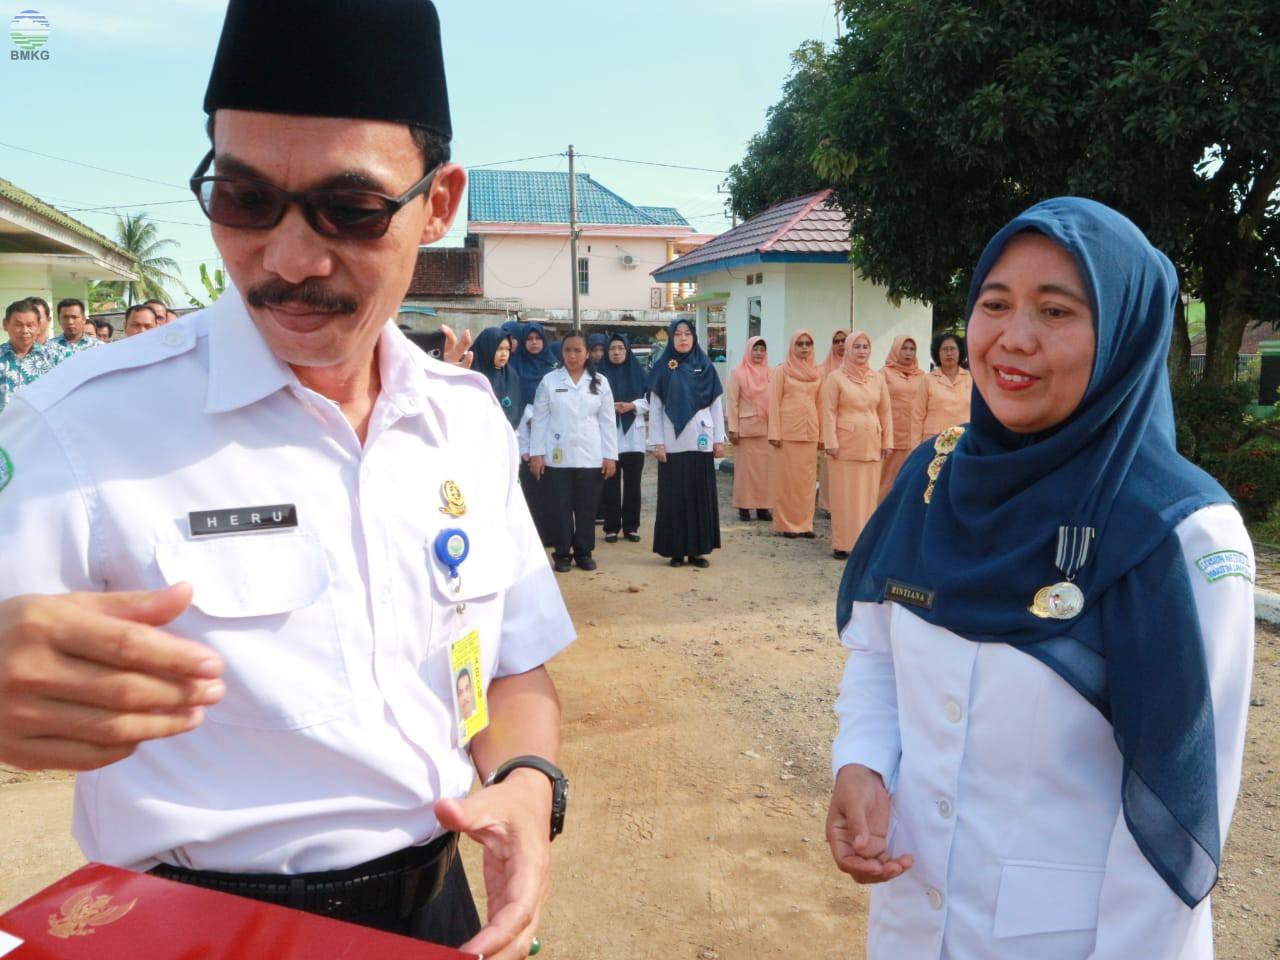 Peringatan HMD ke 69 Tahun dan Pisah Sambut Kasklim Pesawaran Lampung